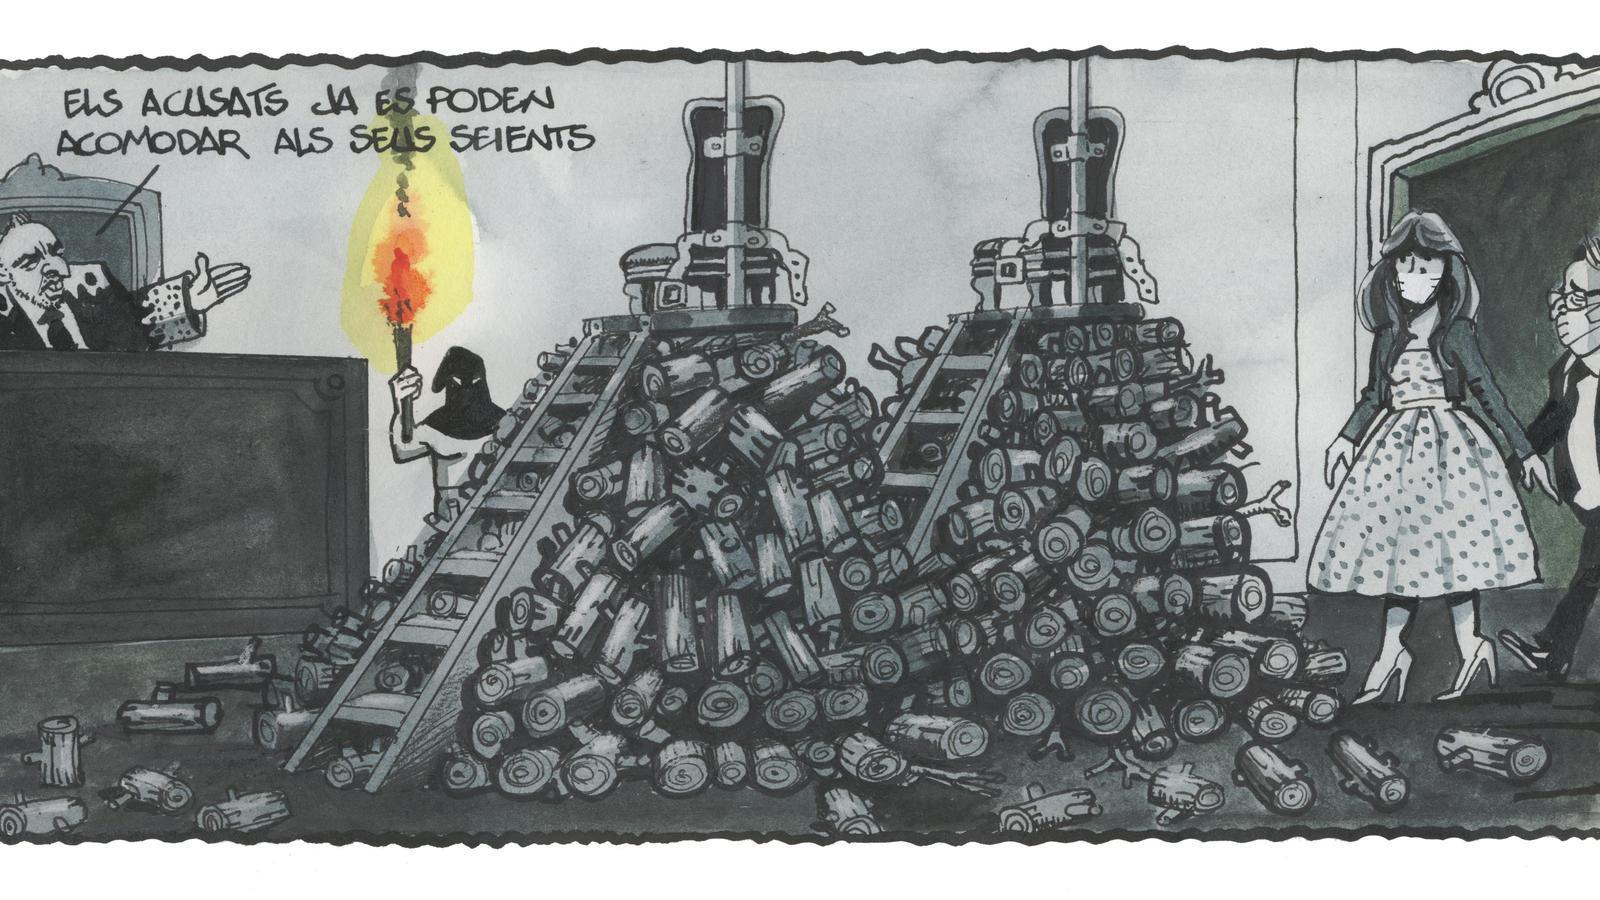 'A la contra', per Ferreres (27/06/2020)